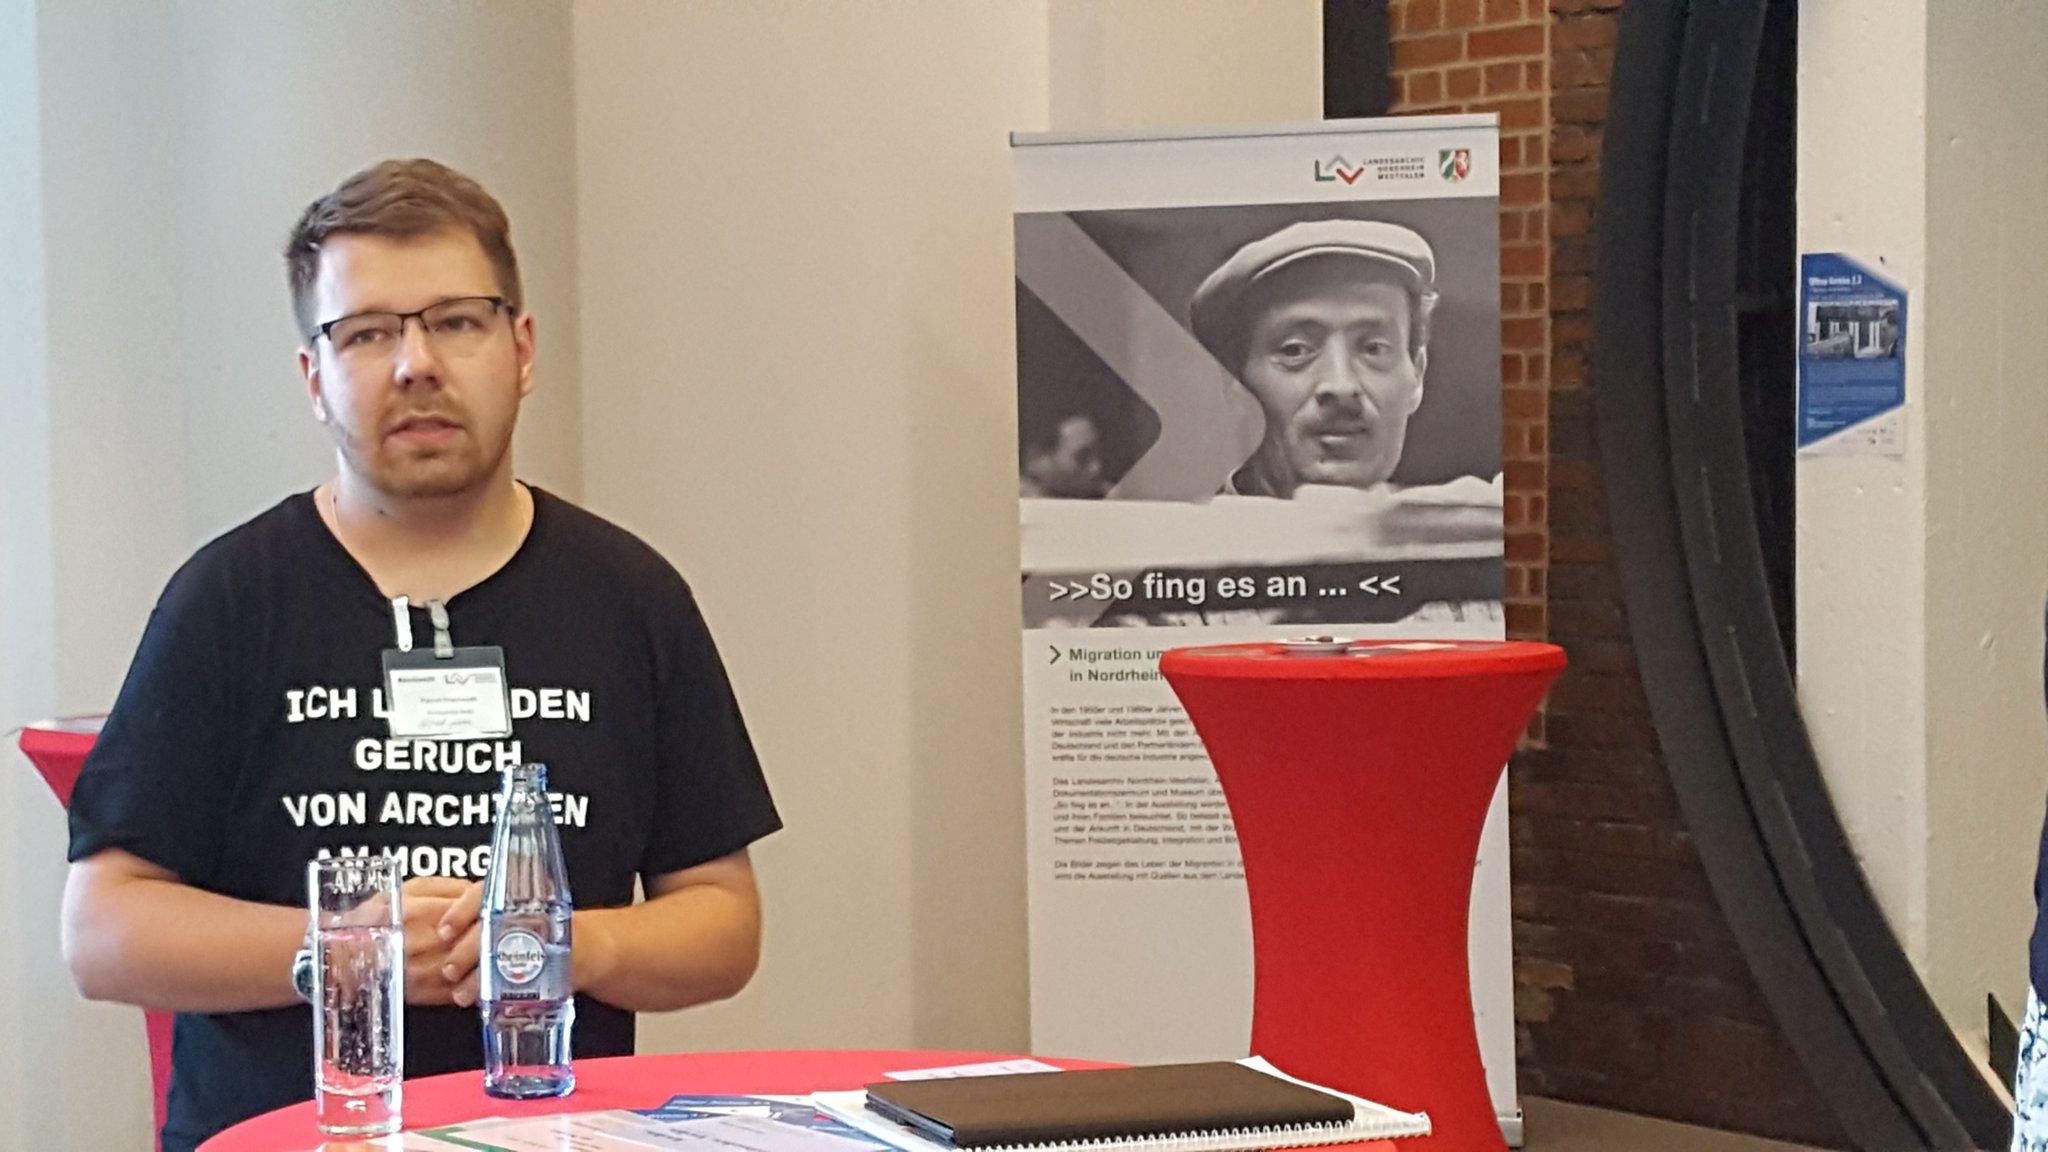 Session I des ersten deutschen #archivcamp. Hier Patrick Frischmuth über #CreativeCommons https://t.co/gk4IzfnxJ0